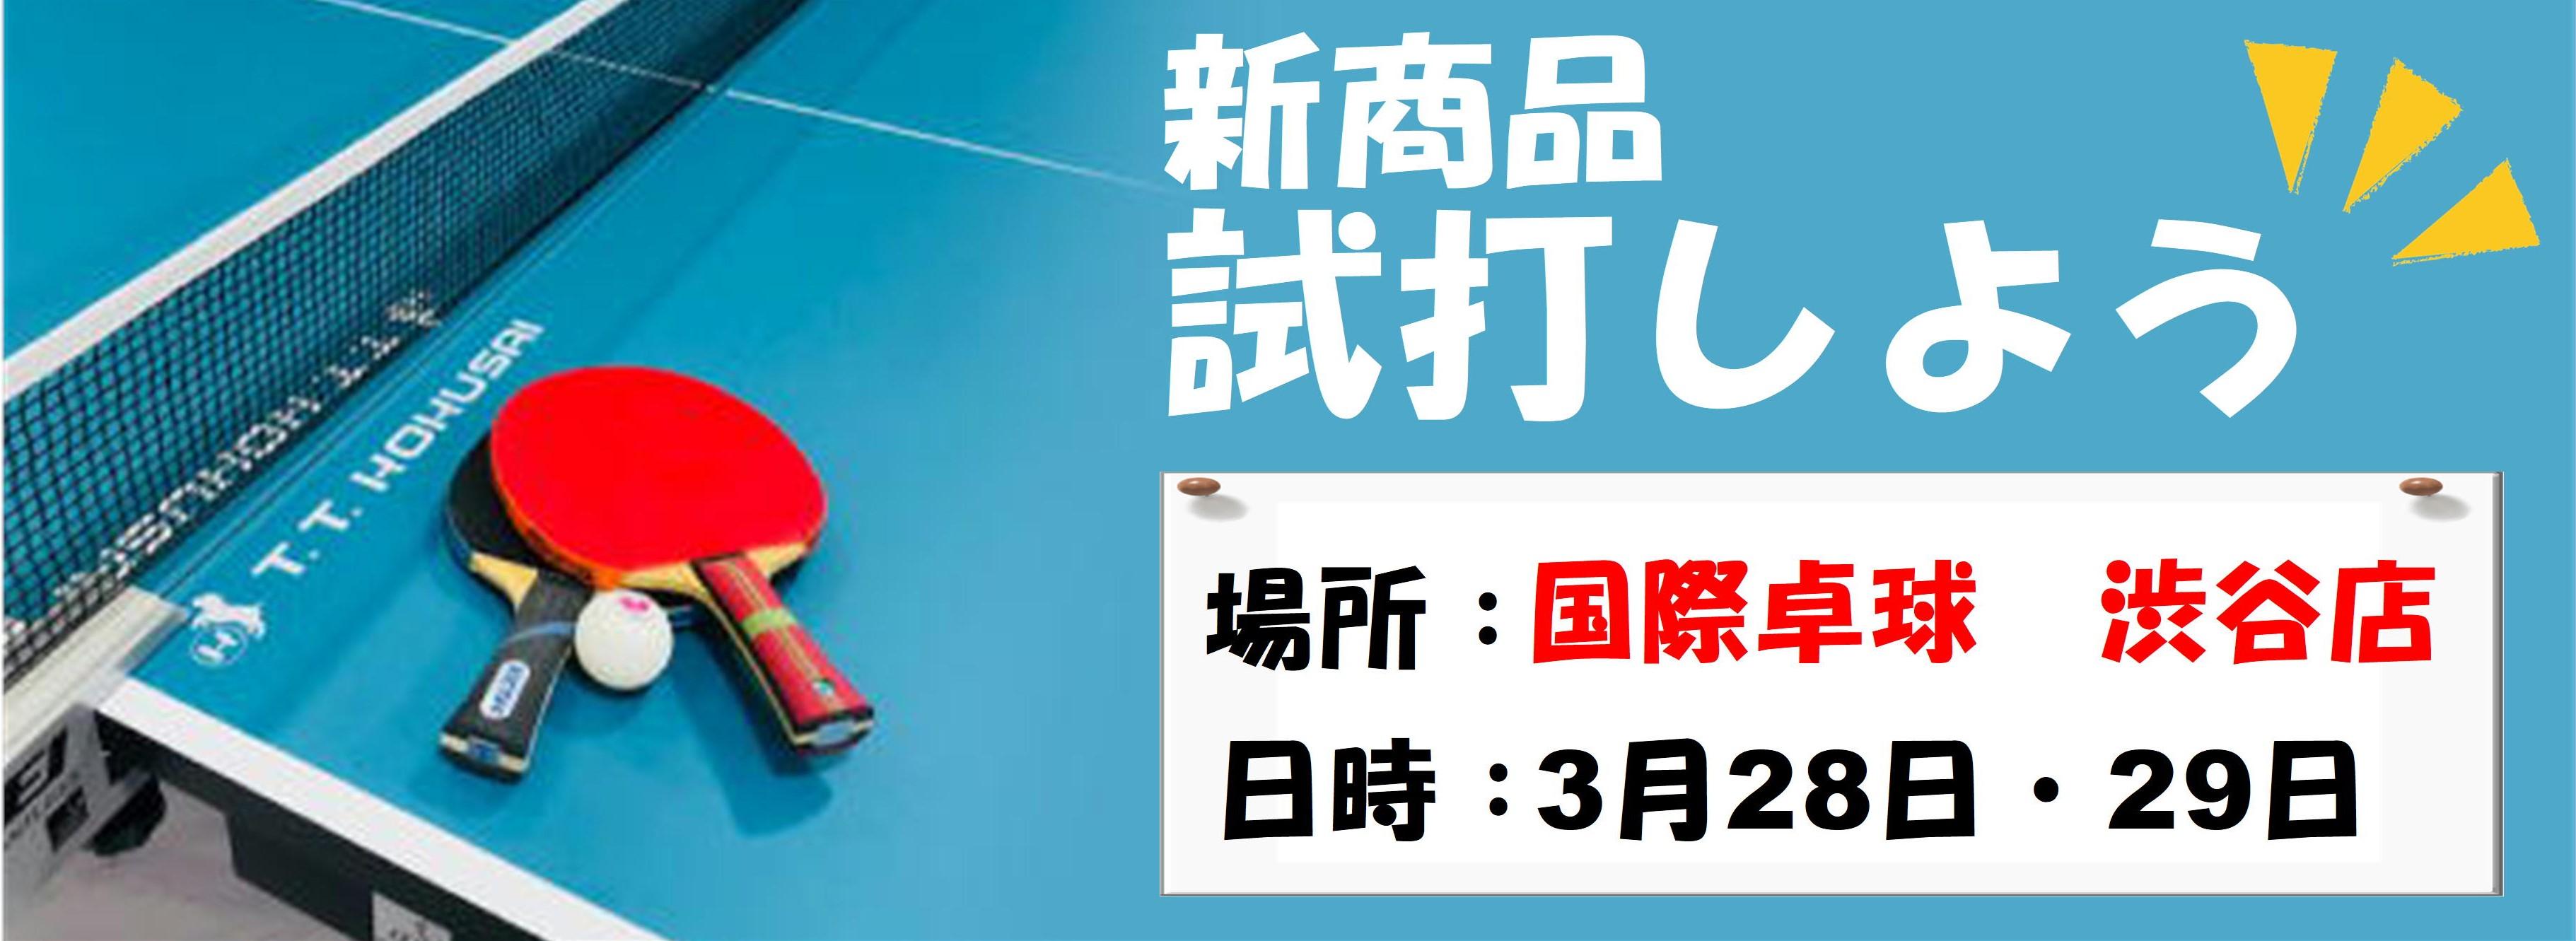 渋谷店3月試打会